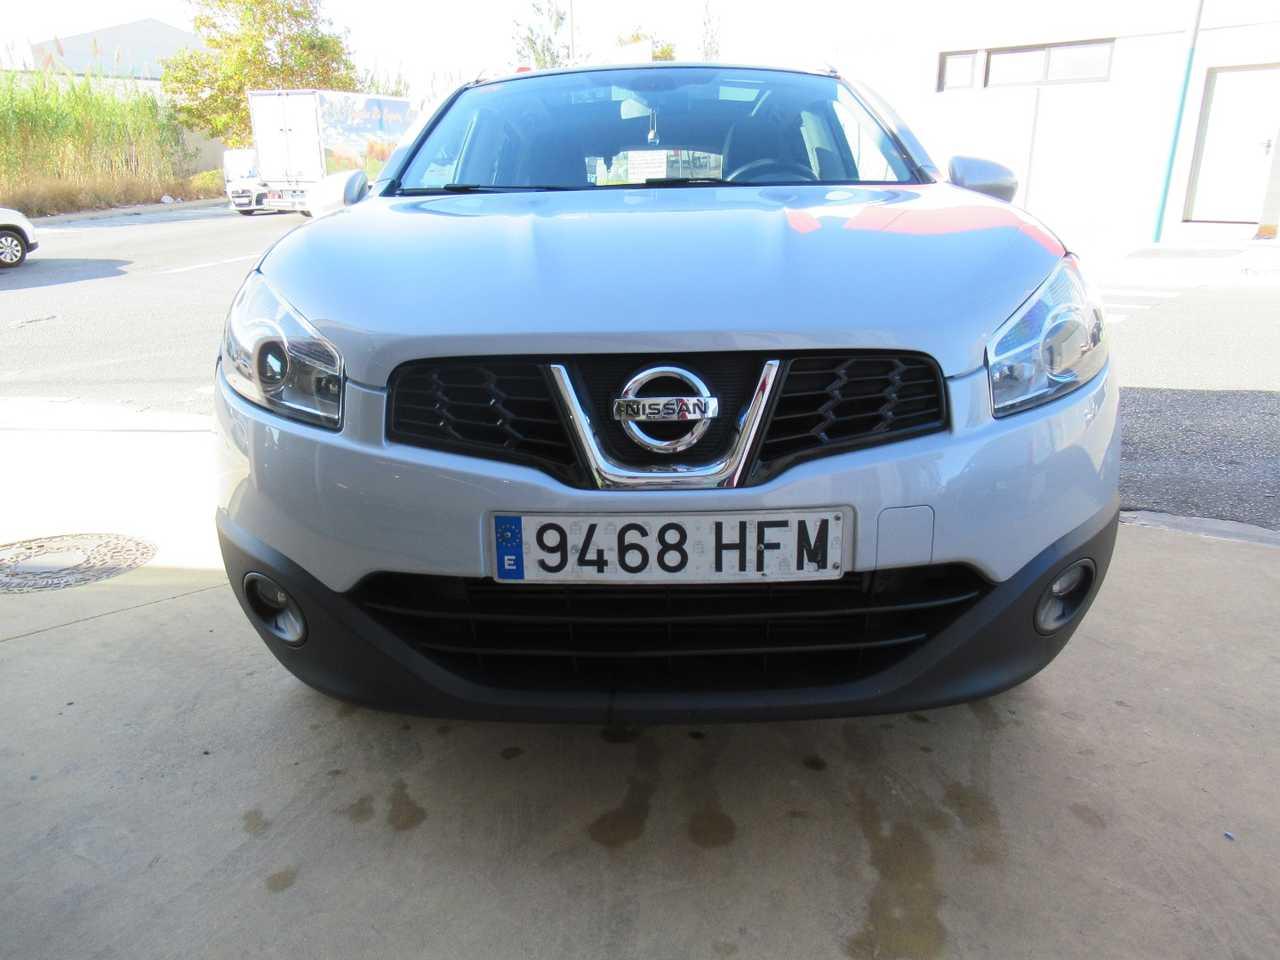 Nissan Qashqai 2.0 DCI 150 CV TECHO LLANTAS MUY EQUIPADO UN SOLO PROPIETARIO, CERTIFICADO DE KM Y CARROCERIA   - Foto 1